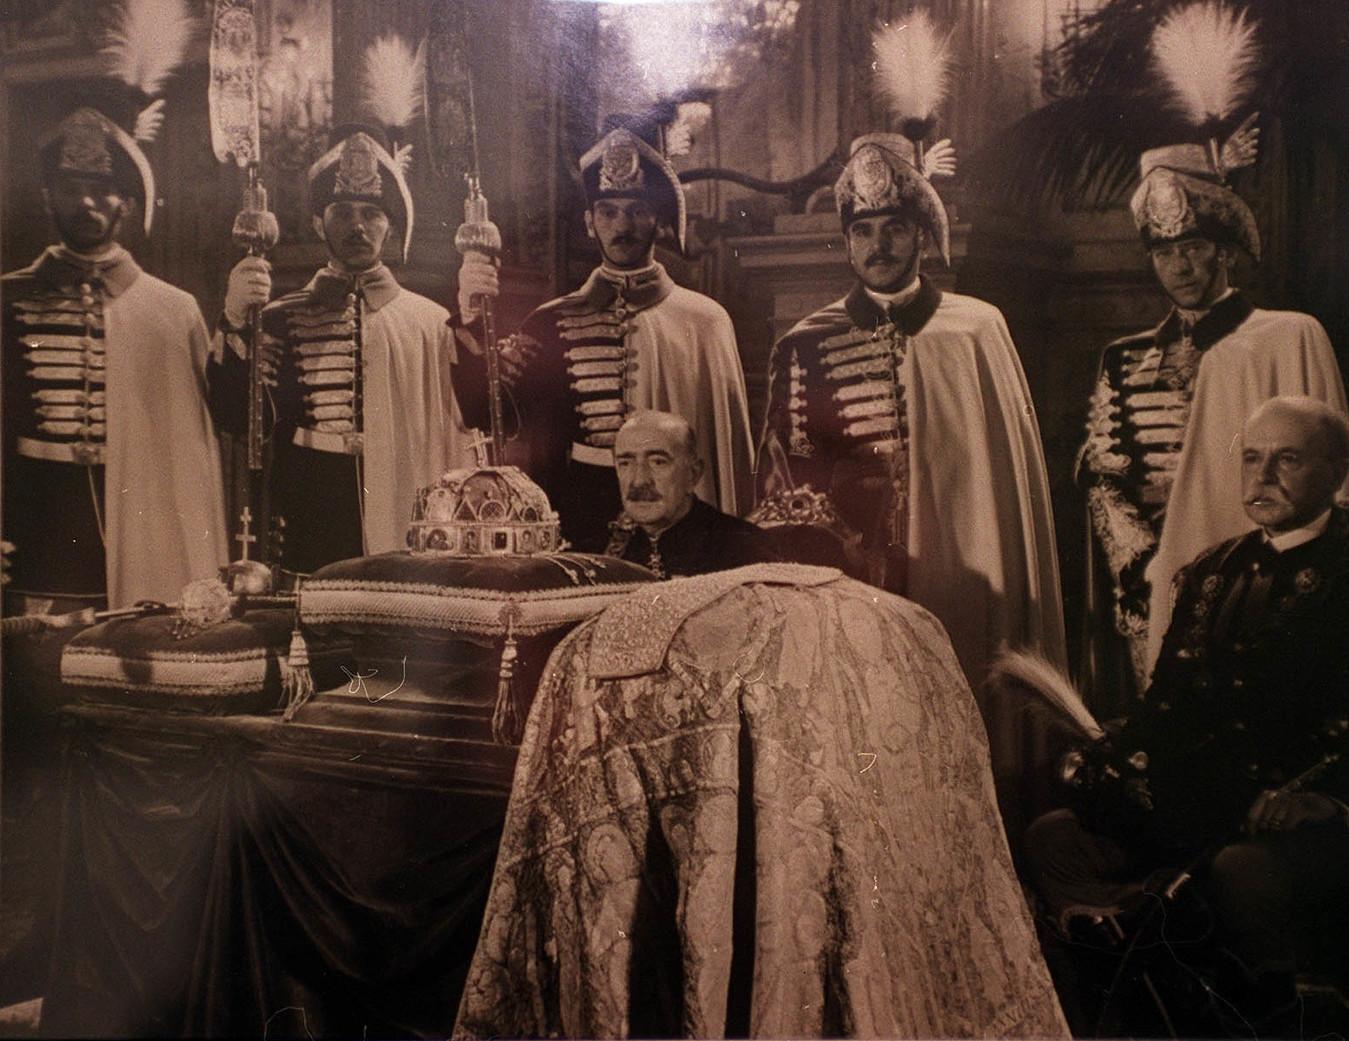 Budapest, 2001. február 2. Egy 1938 augusztusában készült fotó reprodukciója a Szent István év alkalmából, a királyi palota márványtermében közszemlére tett koronázási jelvényekről. Előtérben Perényi Zsigmond báró és Teleki Tibor gróf koronaőrök ülnek. A